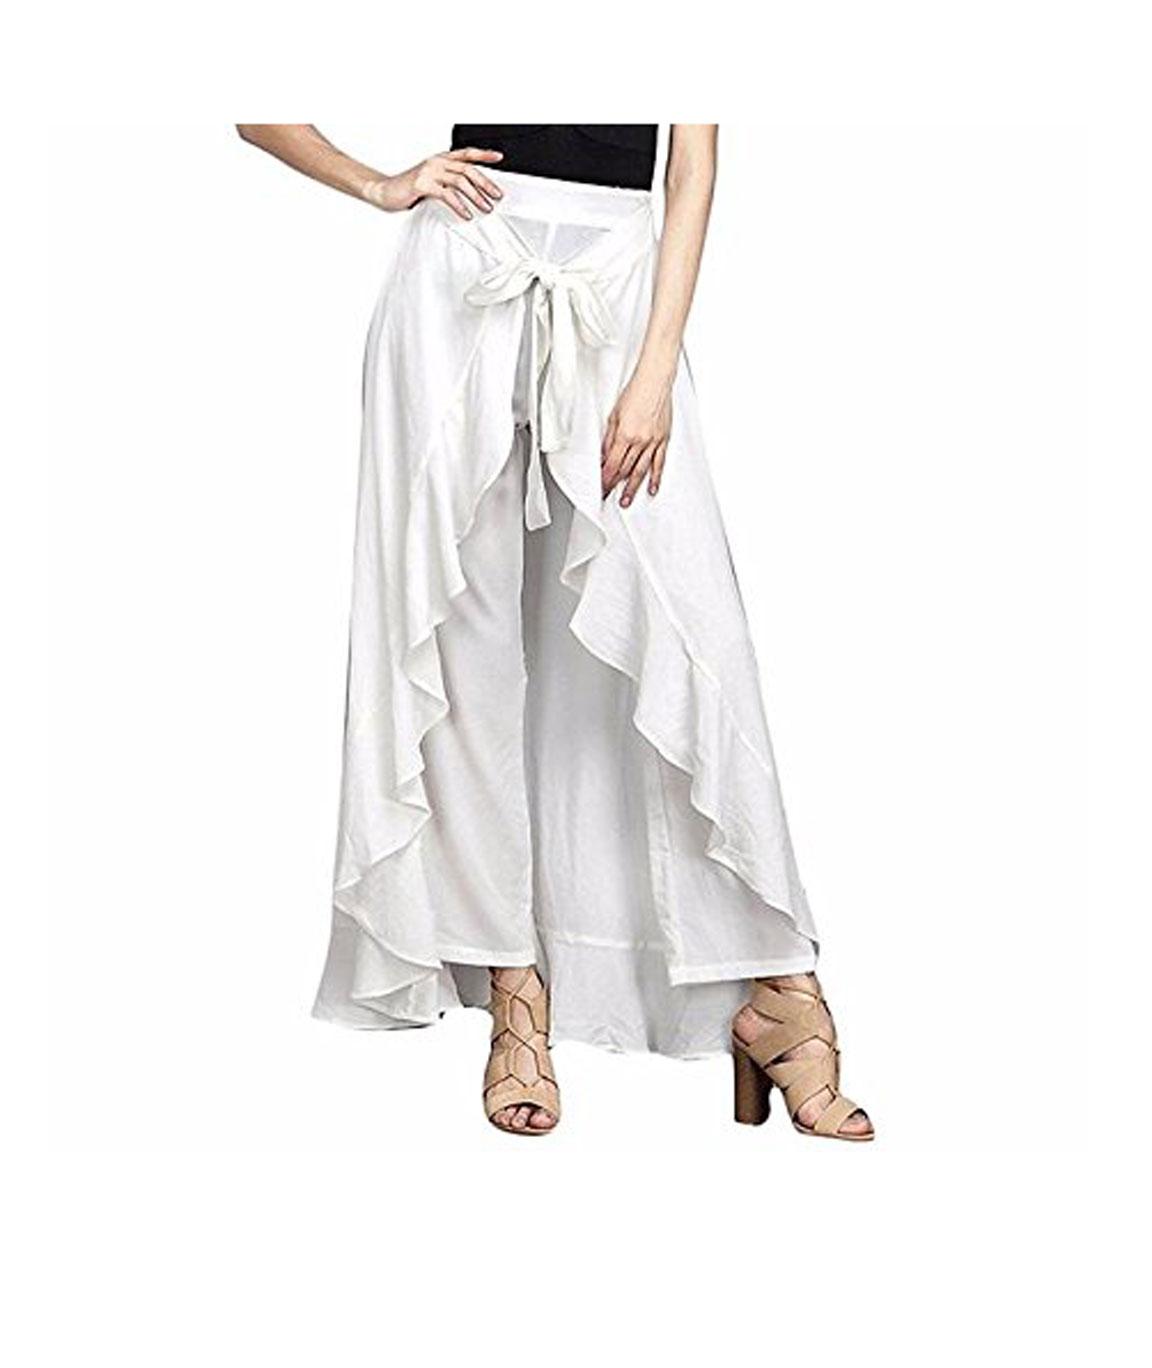 women Wear Ruffle Palazo Rayon Skirt(white)